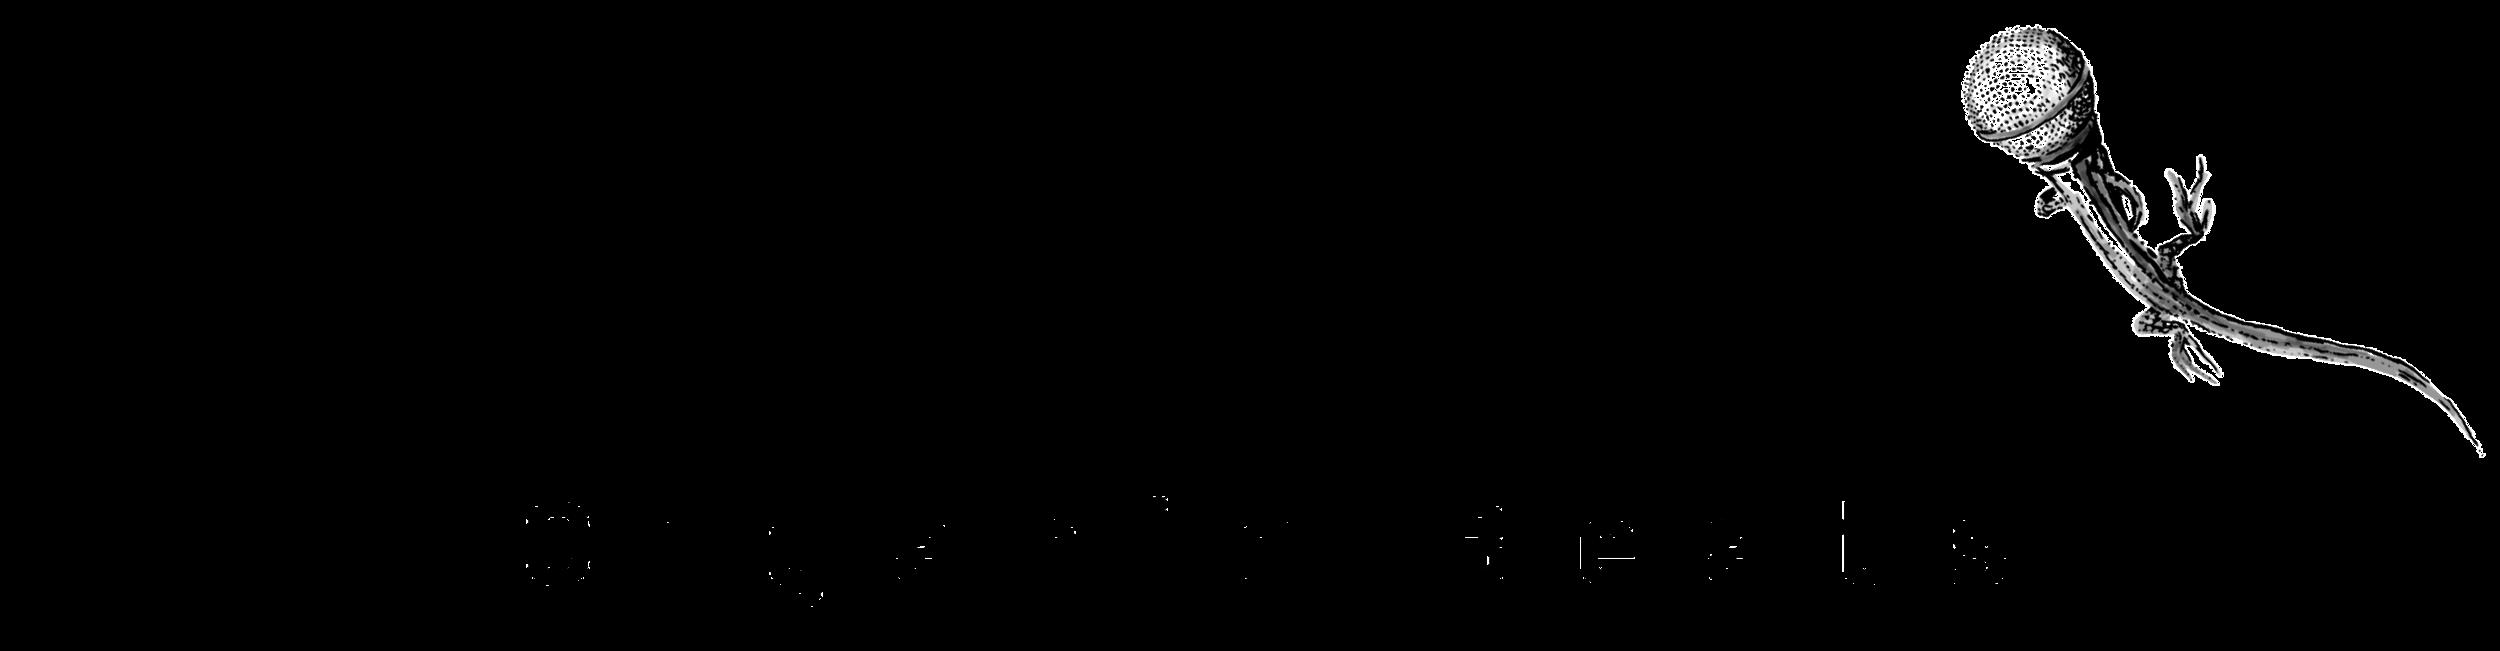 Aerodice_Logo_Arrangiert-01.png